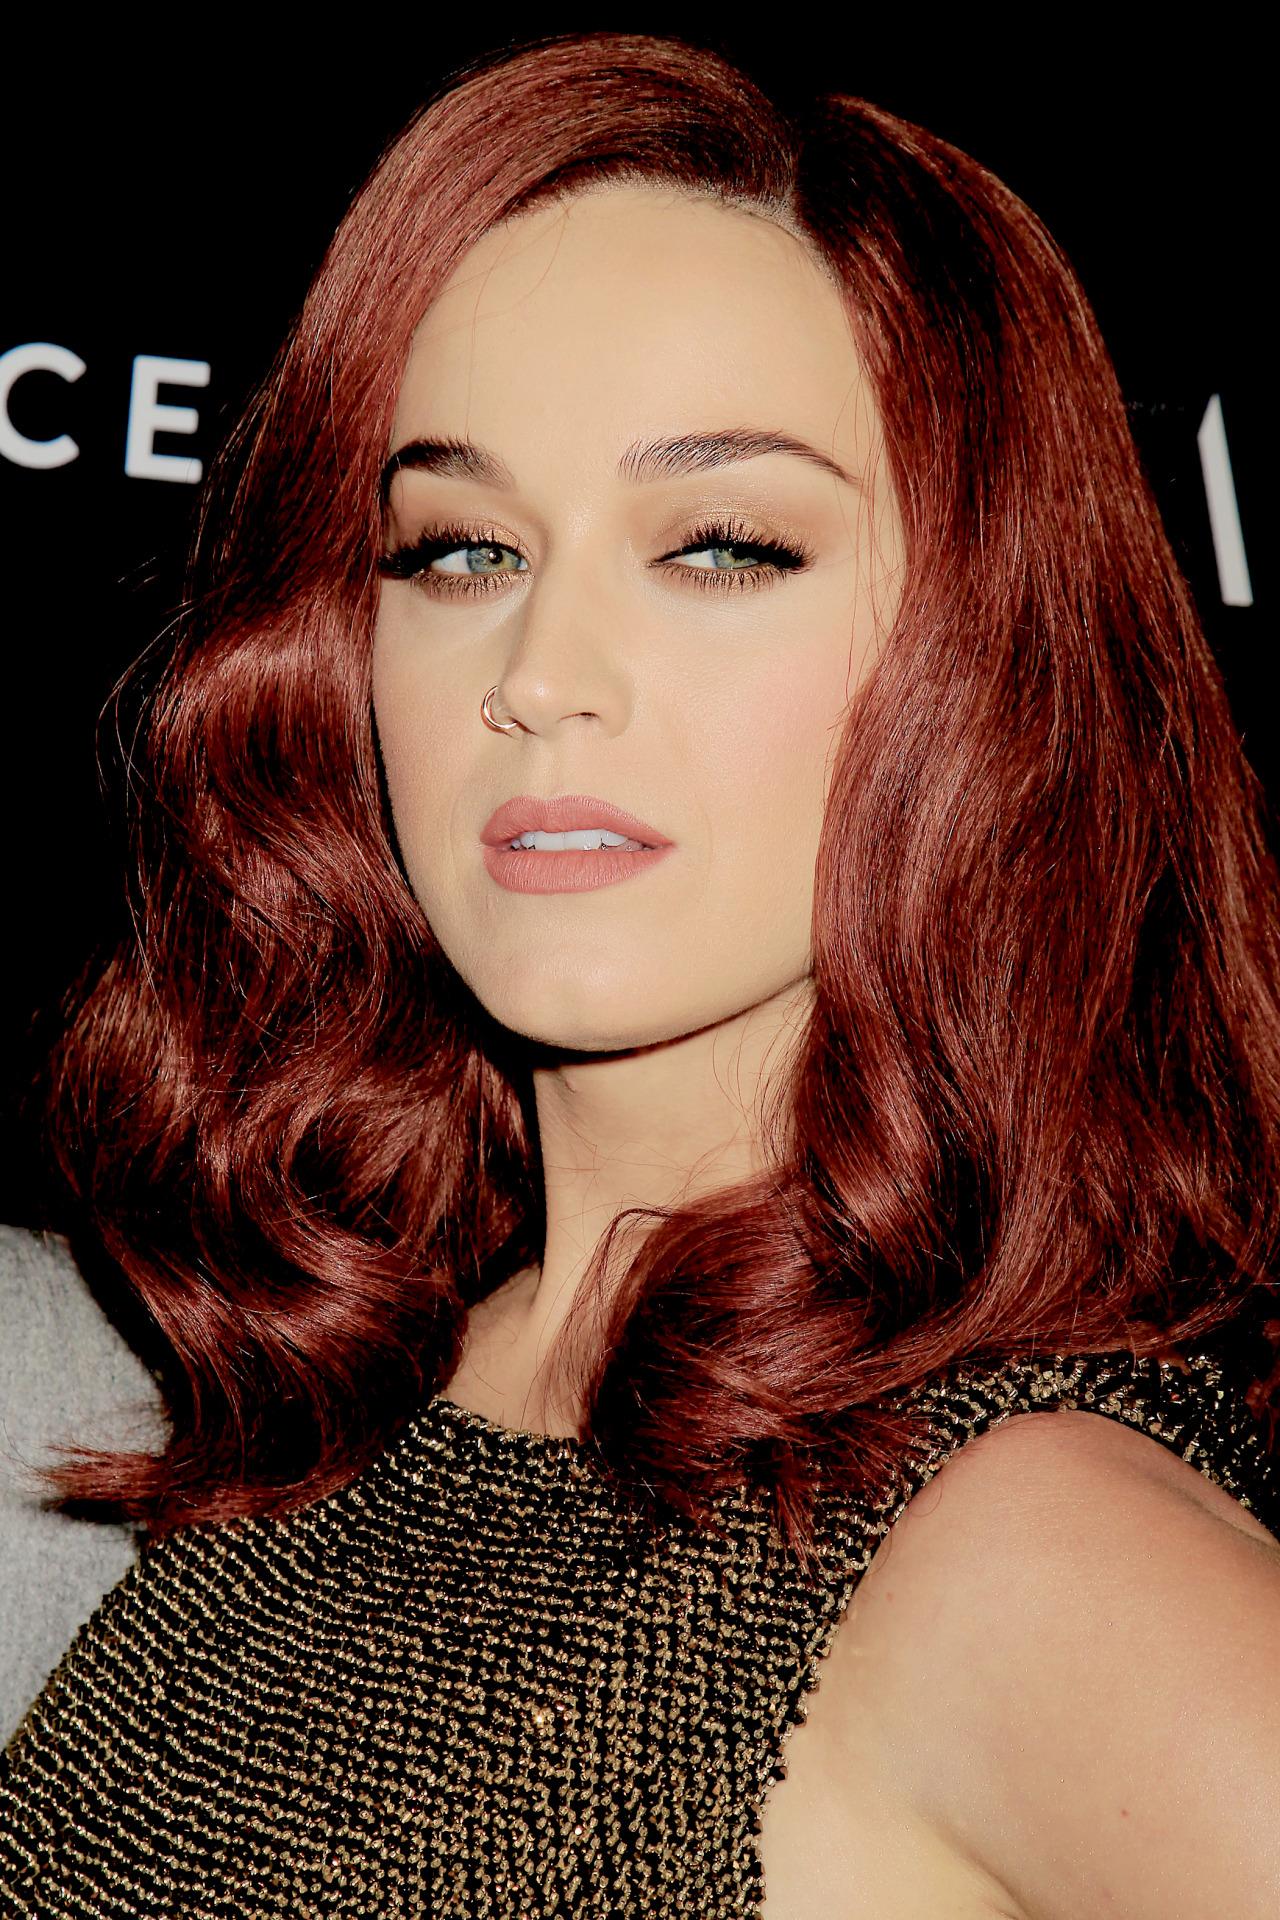 Katy Perry - Katy Perr... Katy Perry